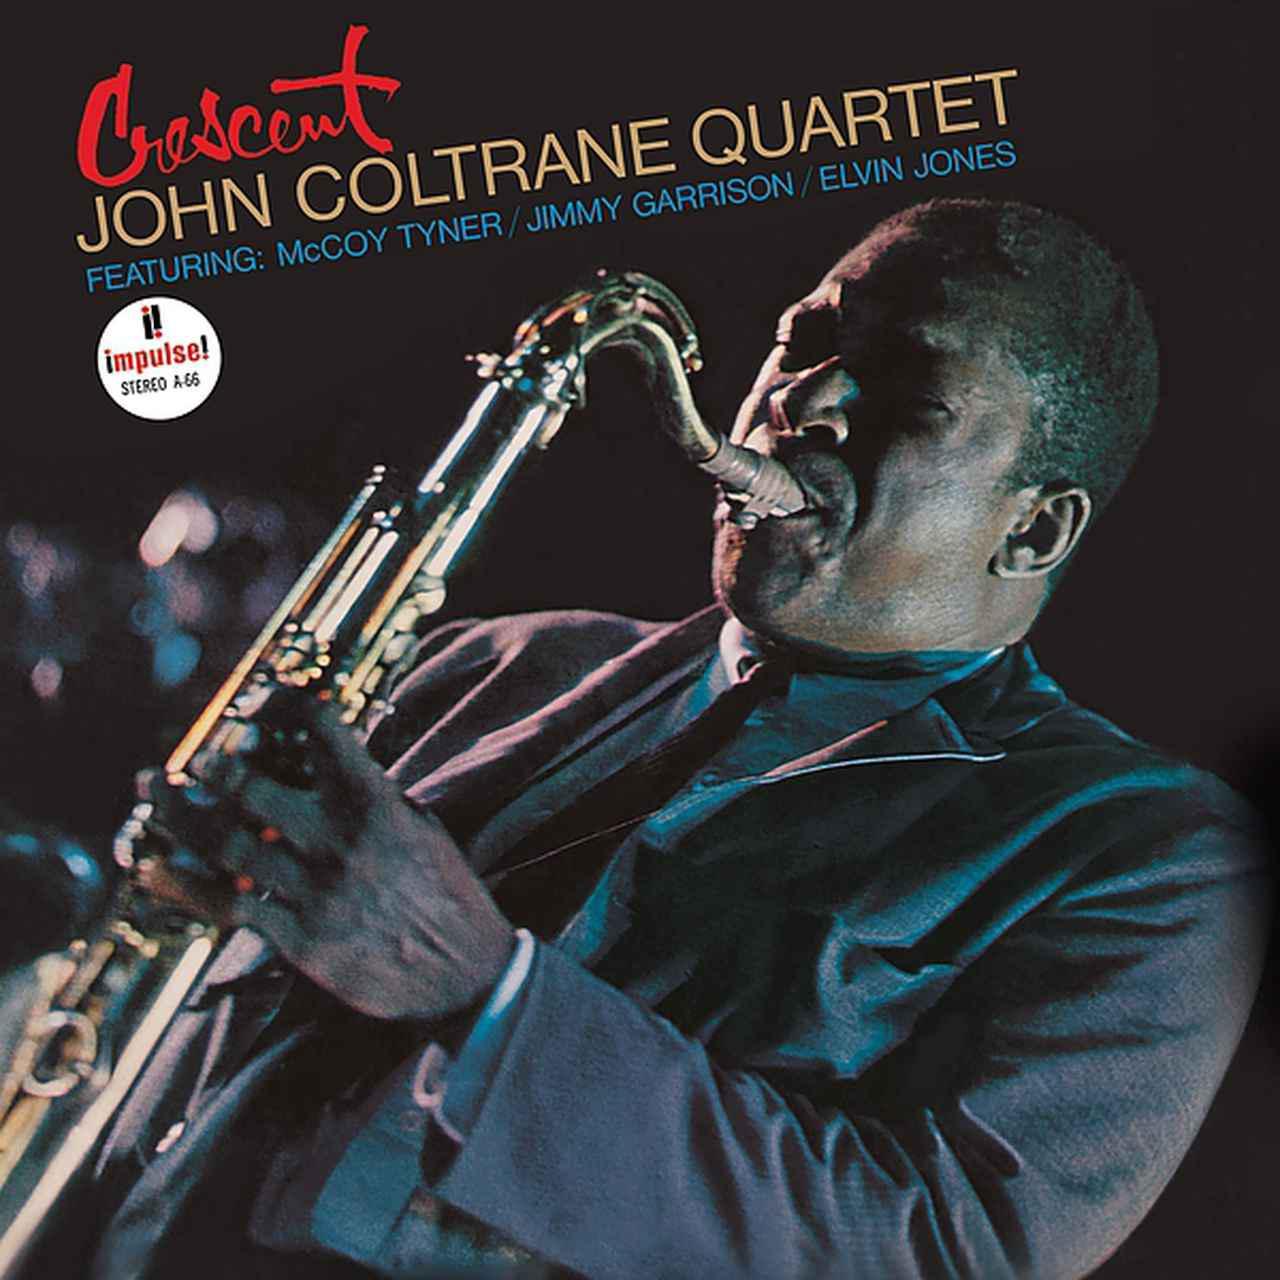 画像: Crescent / John Coltrane Quartet